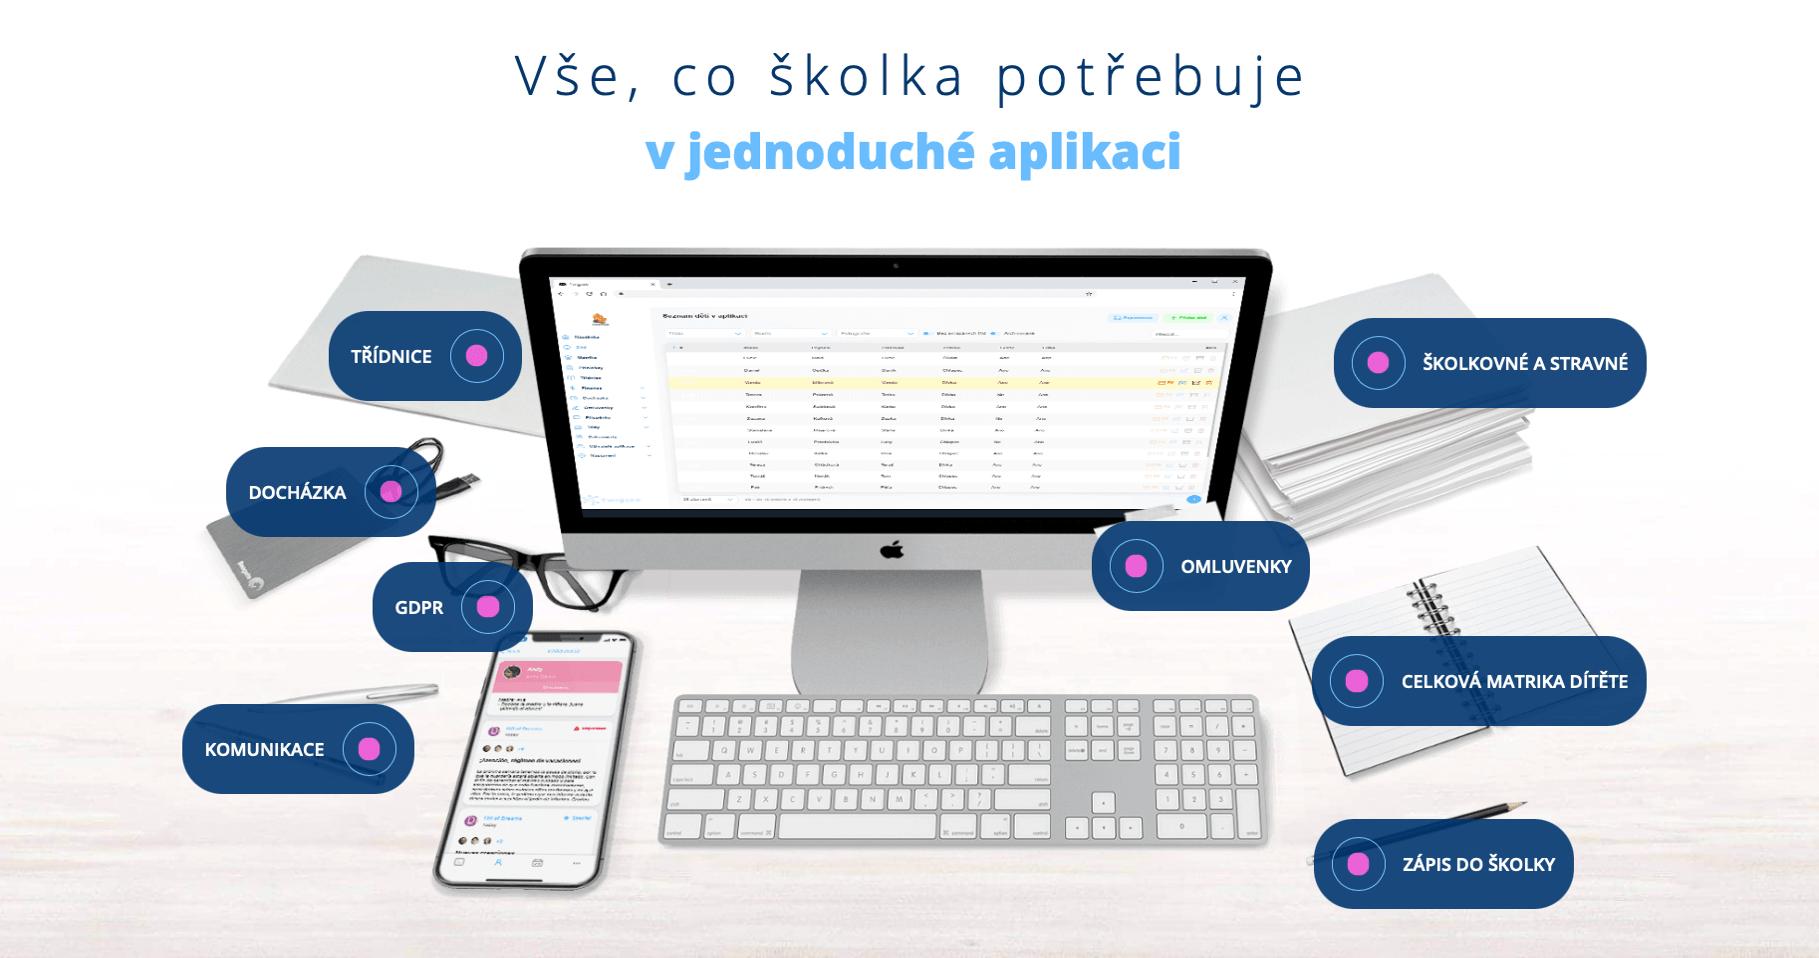 Twigsee - Aplikace pro mateřské školy